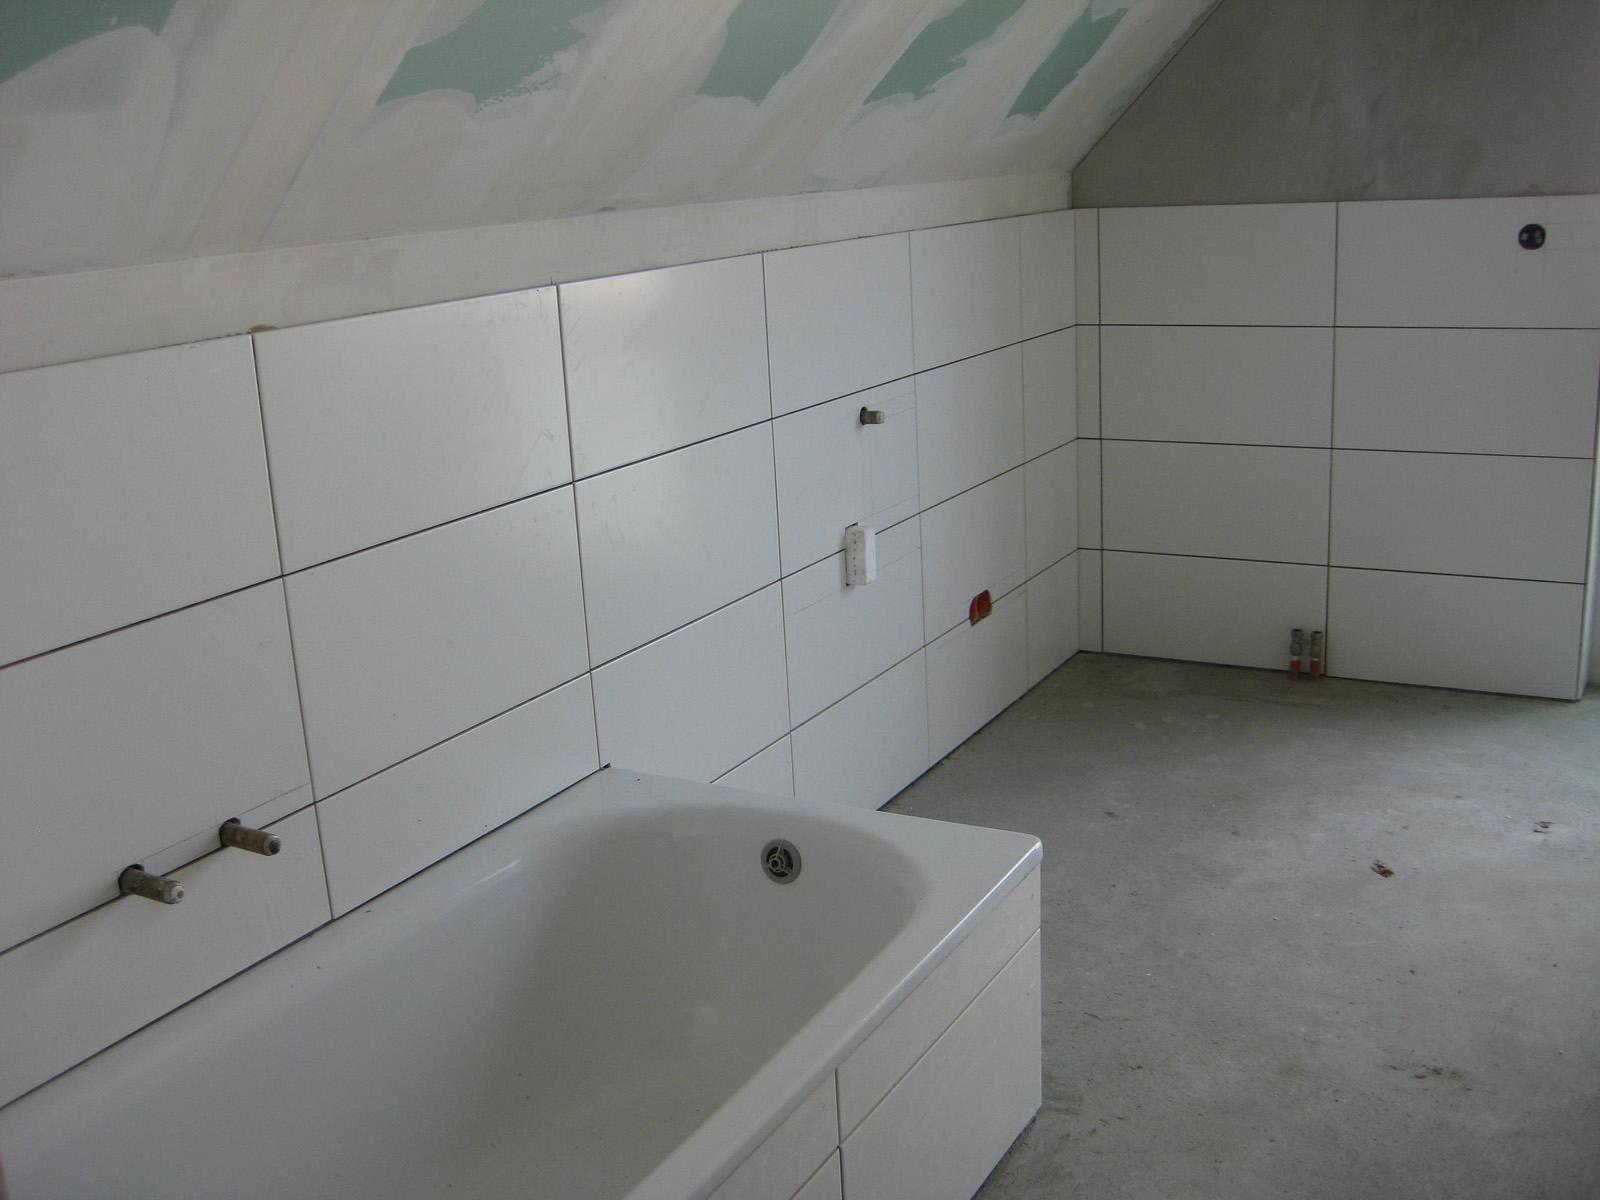 baublog von susi und sven juli 2013. Black Bedroom Furniture Sets. Home Design Ideas